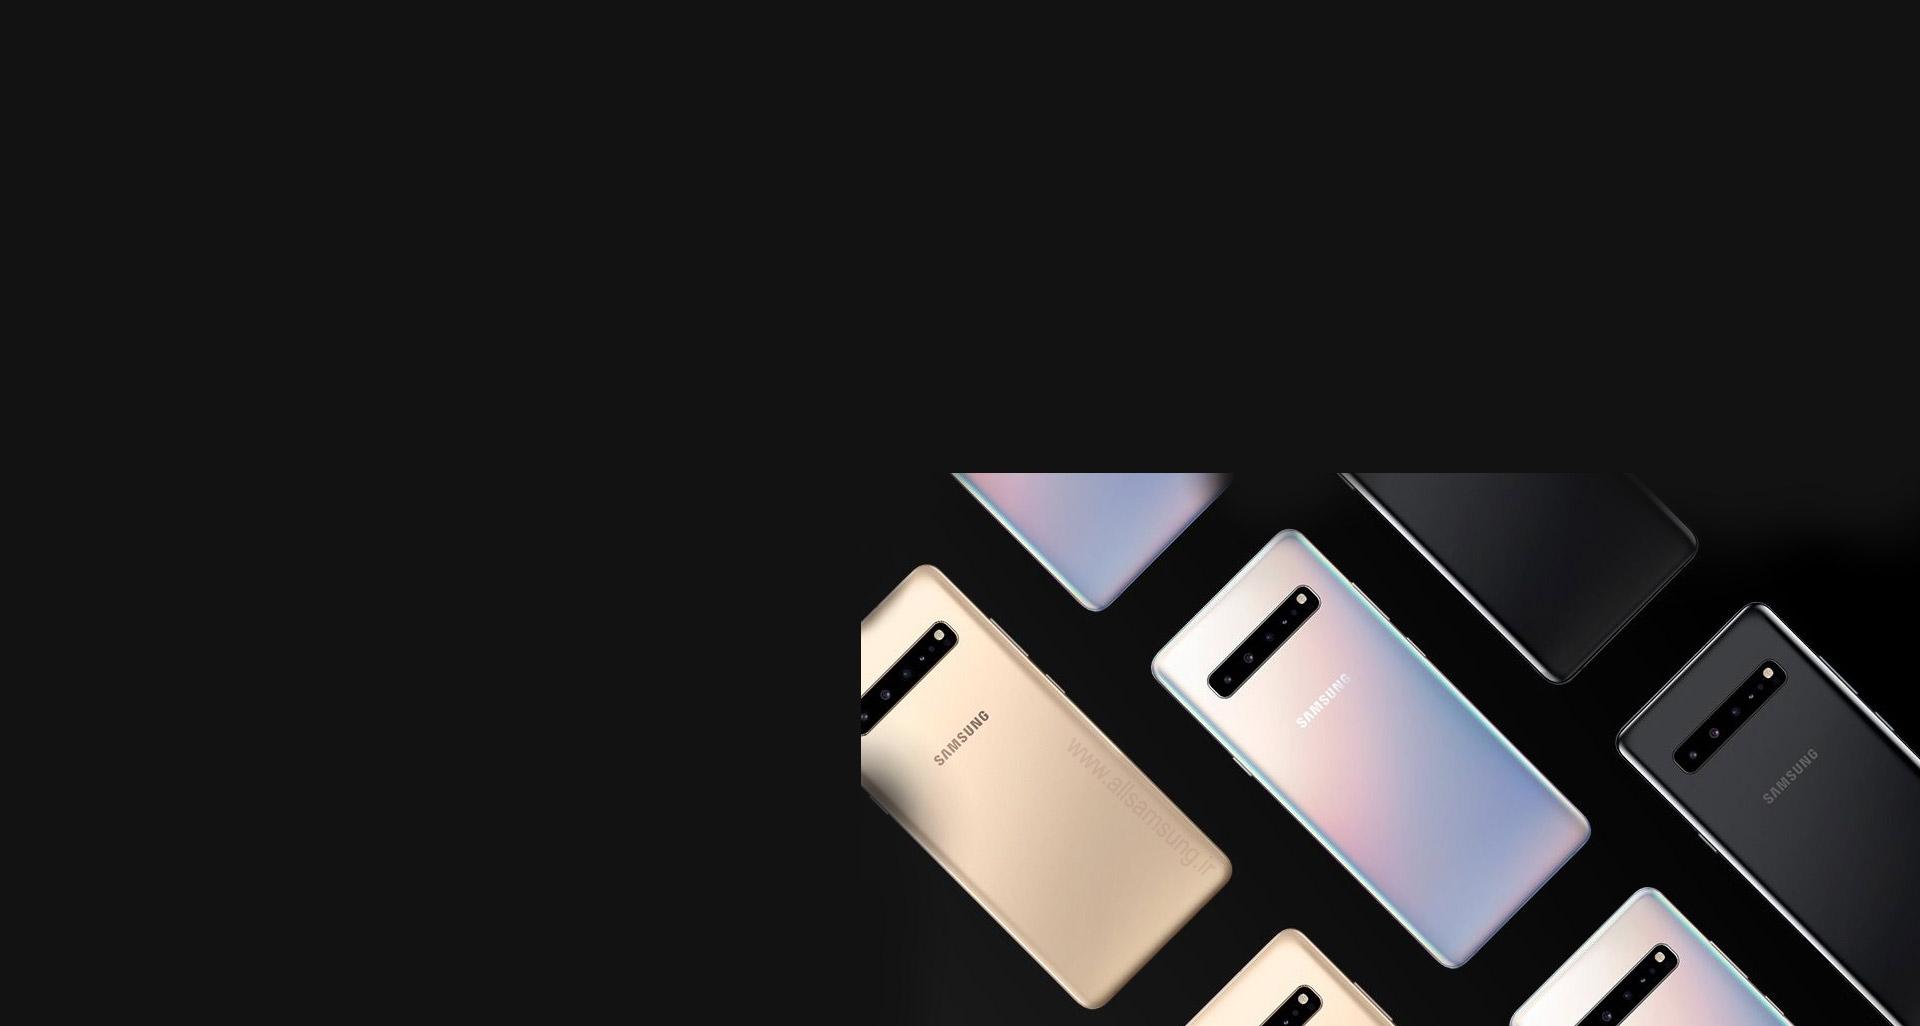 گوشی S10 5G با رنگ هایی برای تسخیر آینده ای روشن